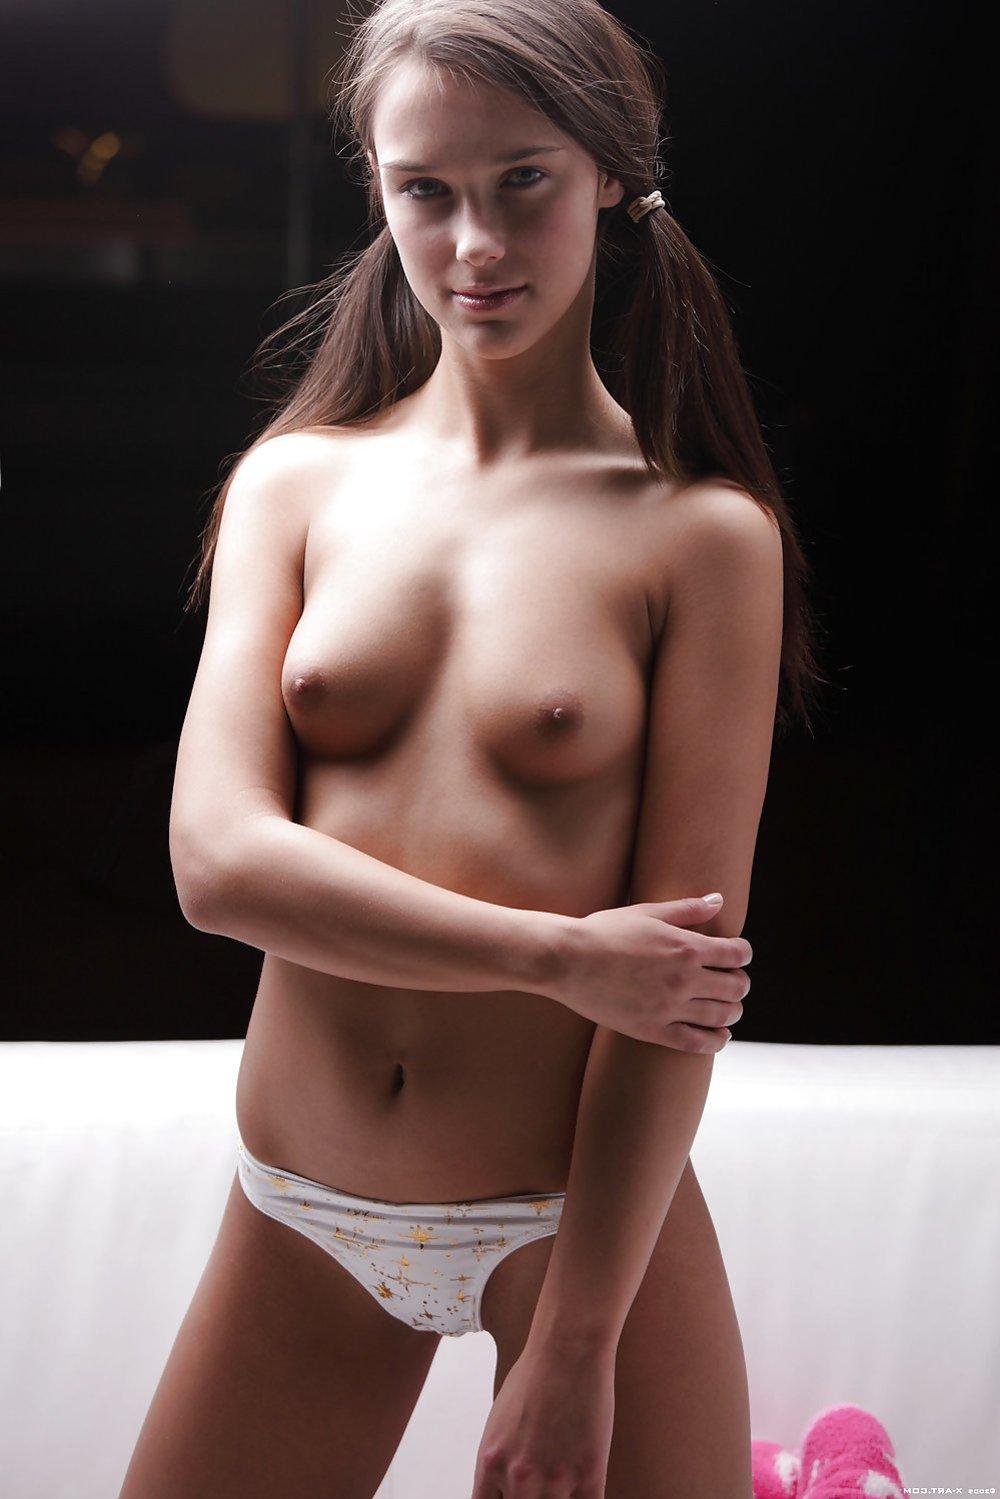 Hot asian gang bang porn tube